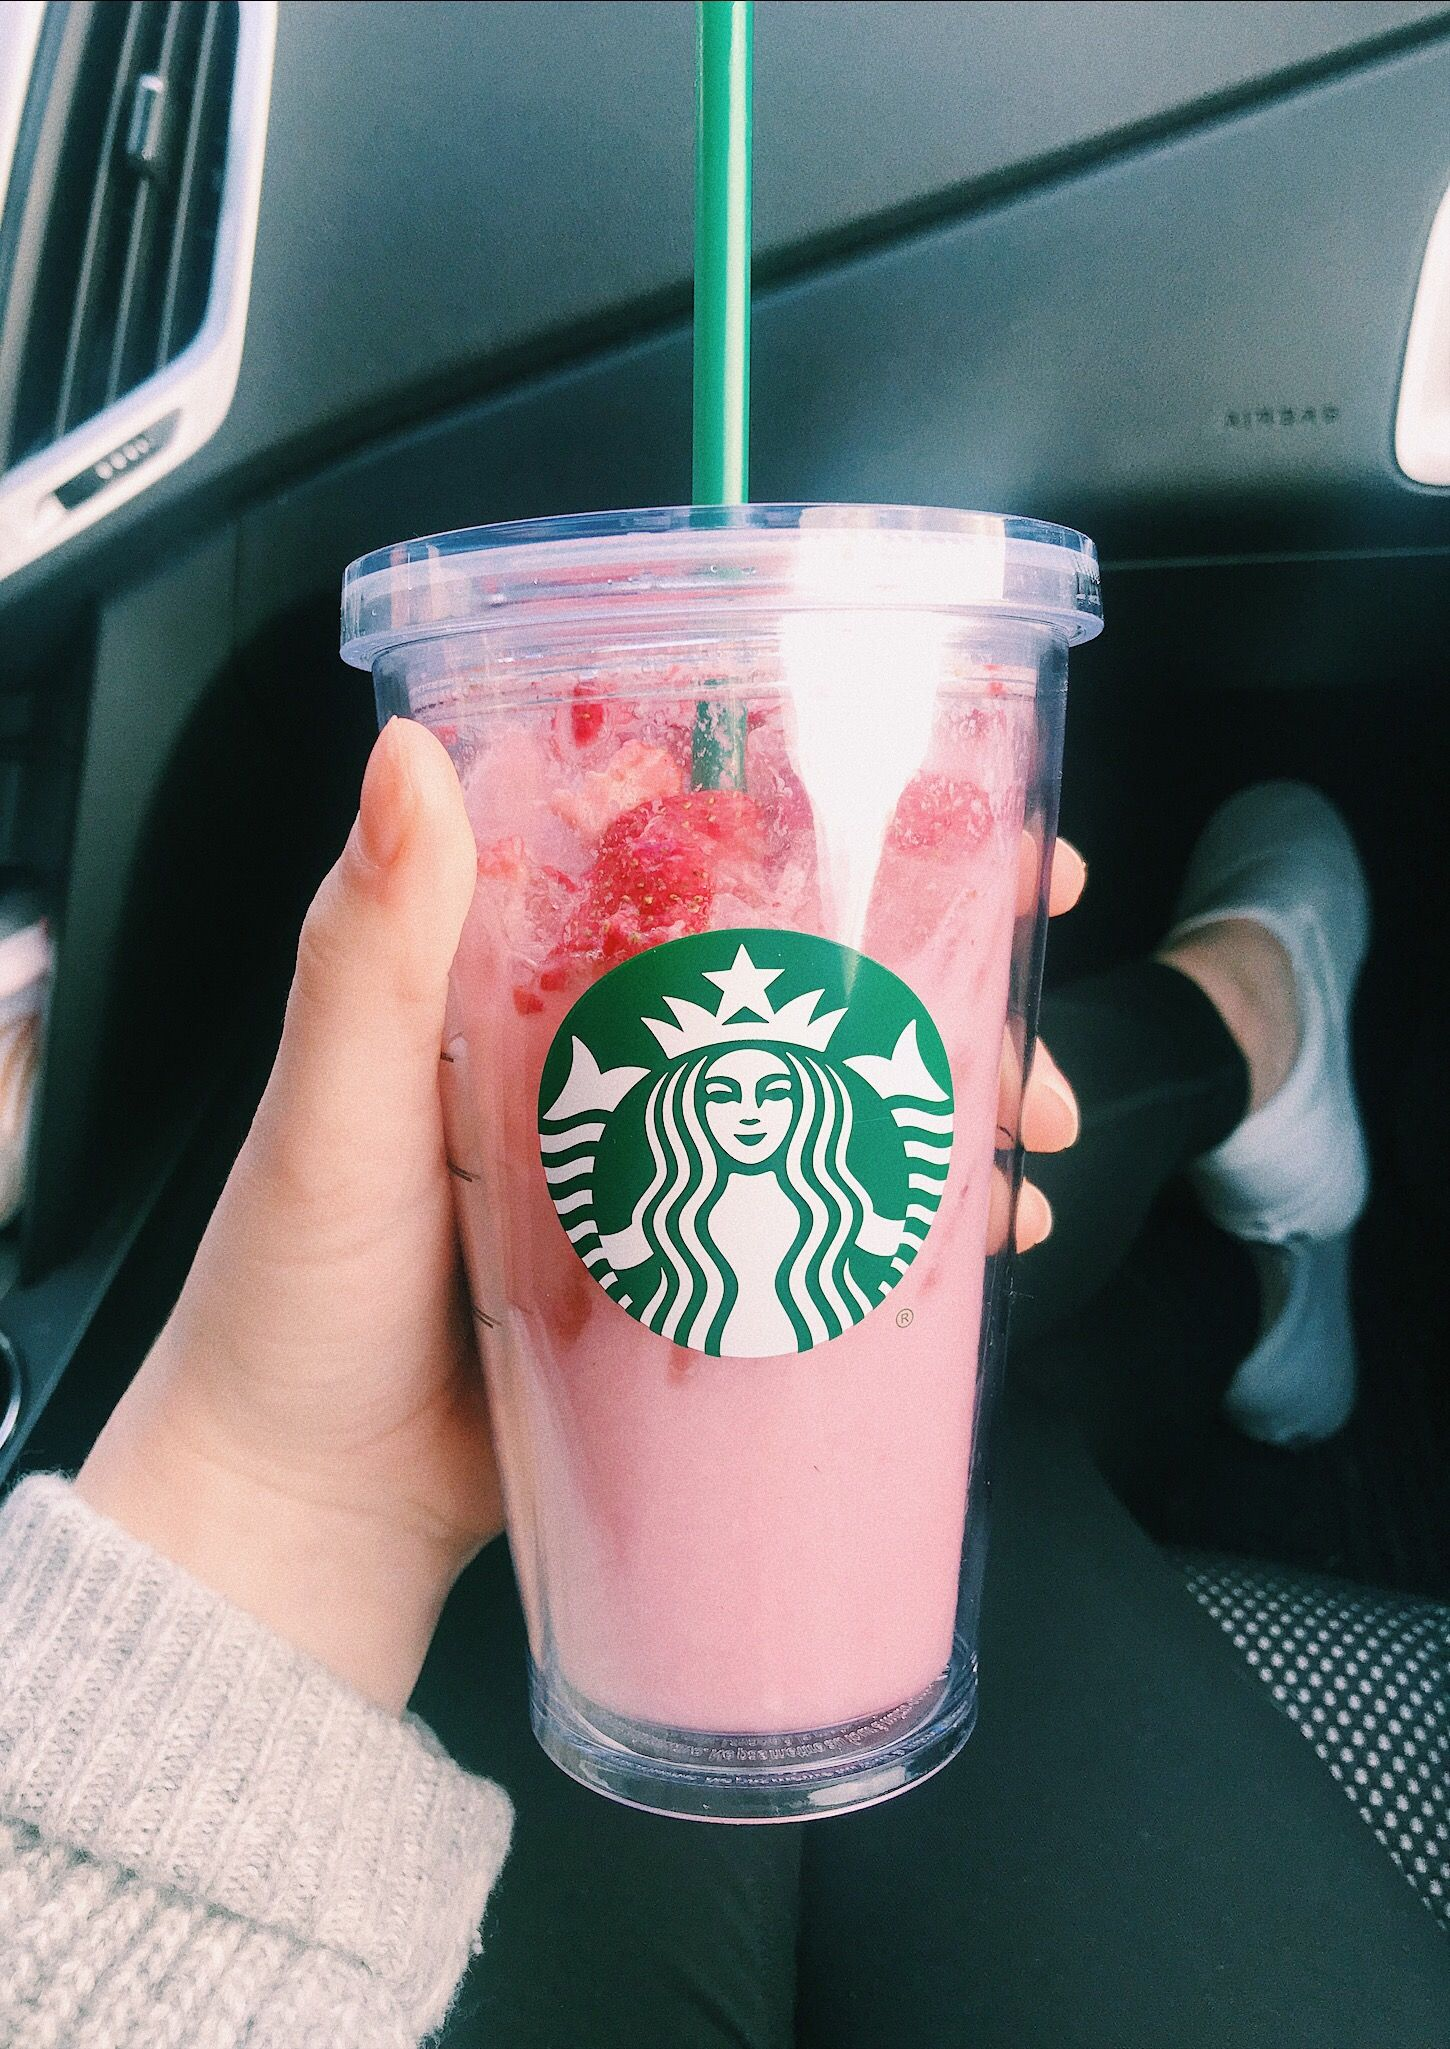 Starbucks Pinkdrink Strawberry Aesthetic Vsco Pink -1501